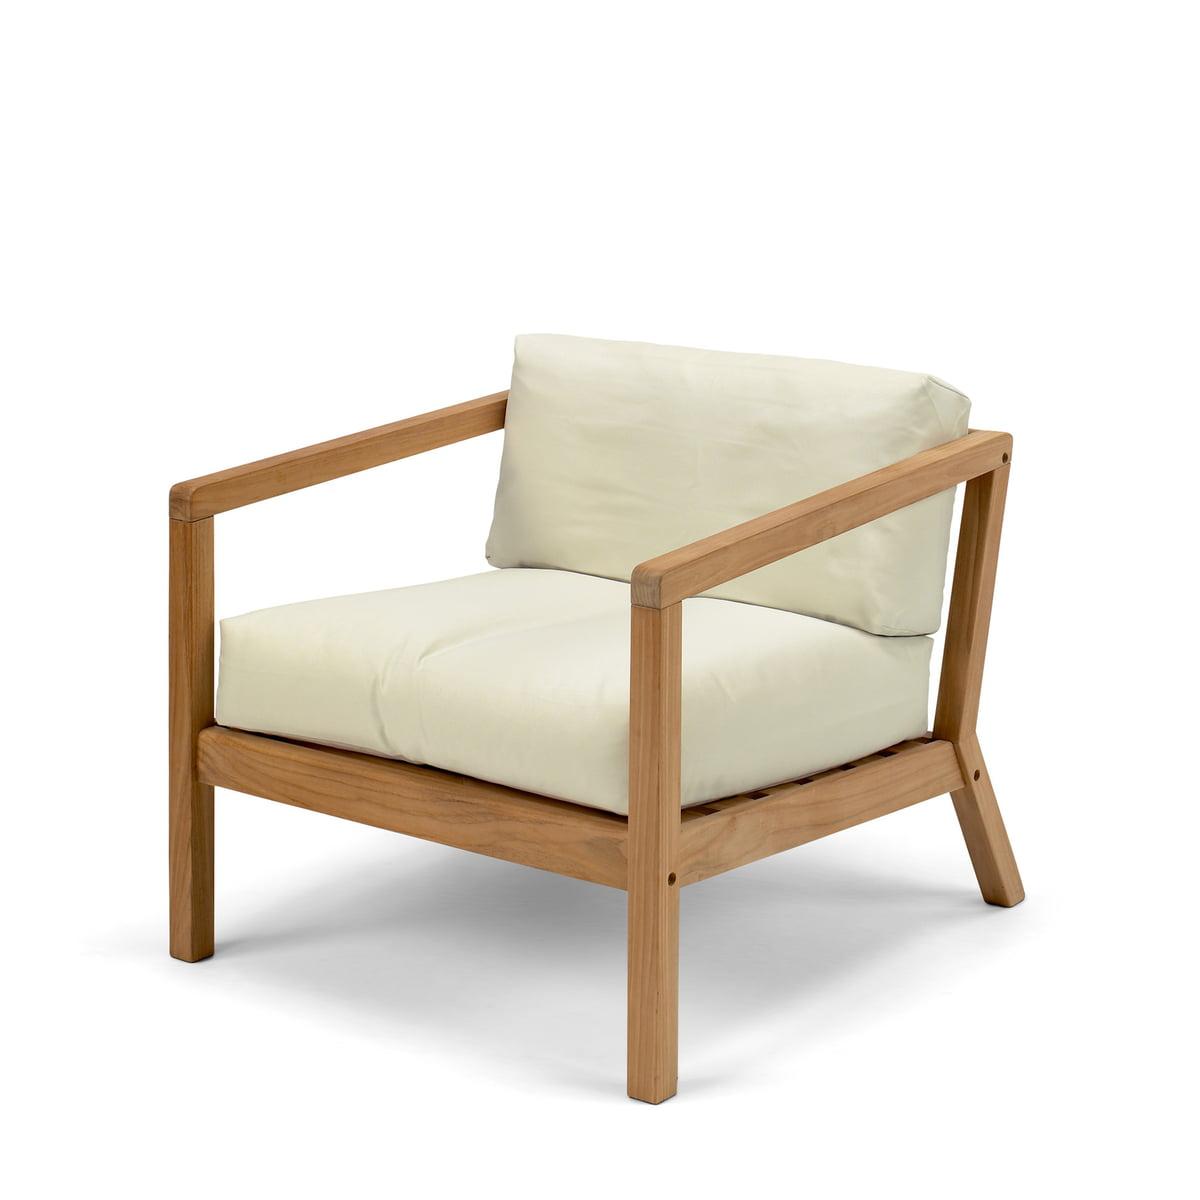 virkelyst sessel von skagerak im shop. Black Bedroom Furniture Sets. Home Design Ideas